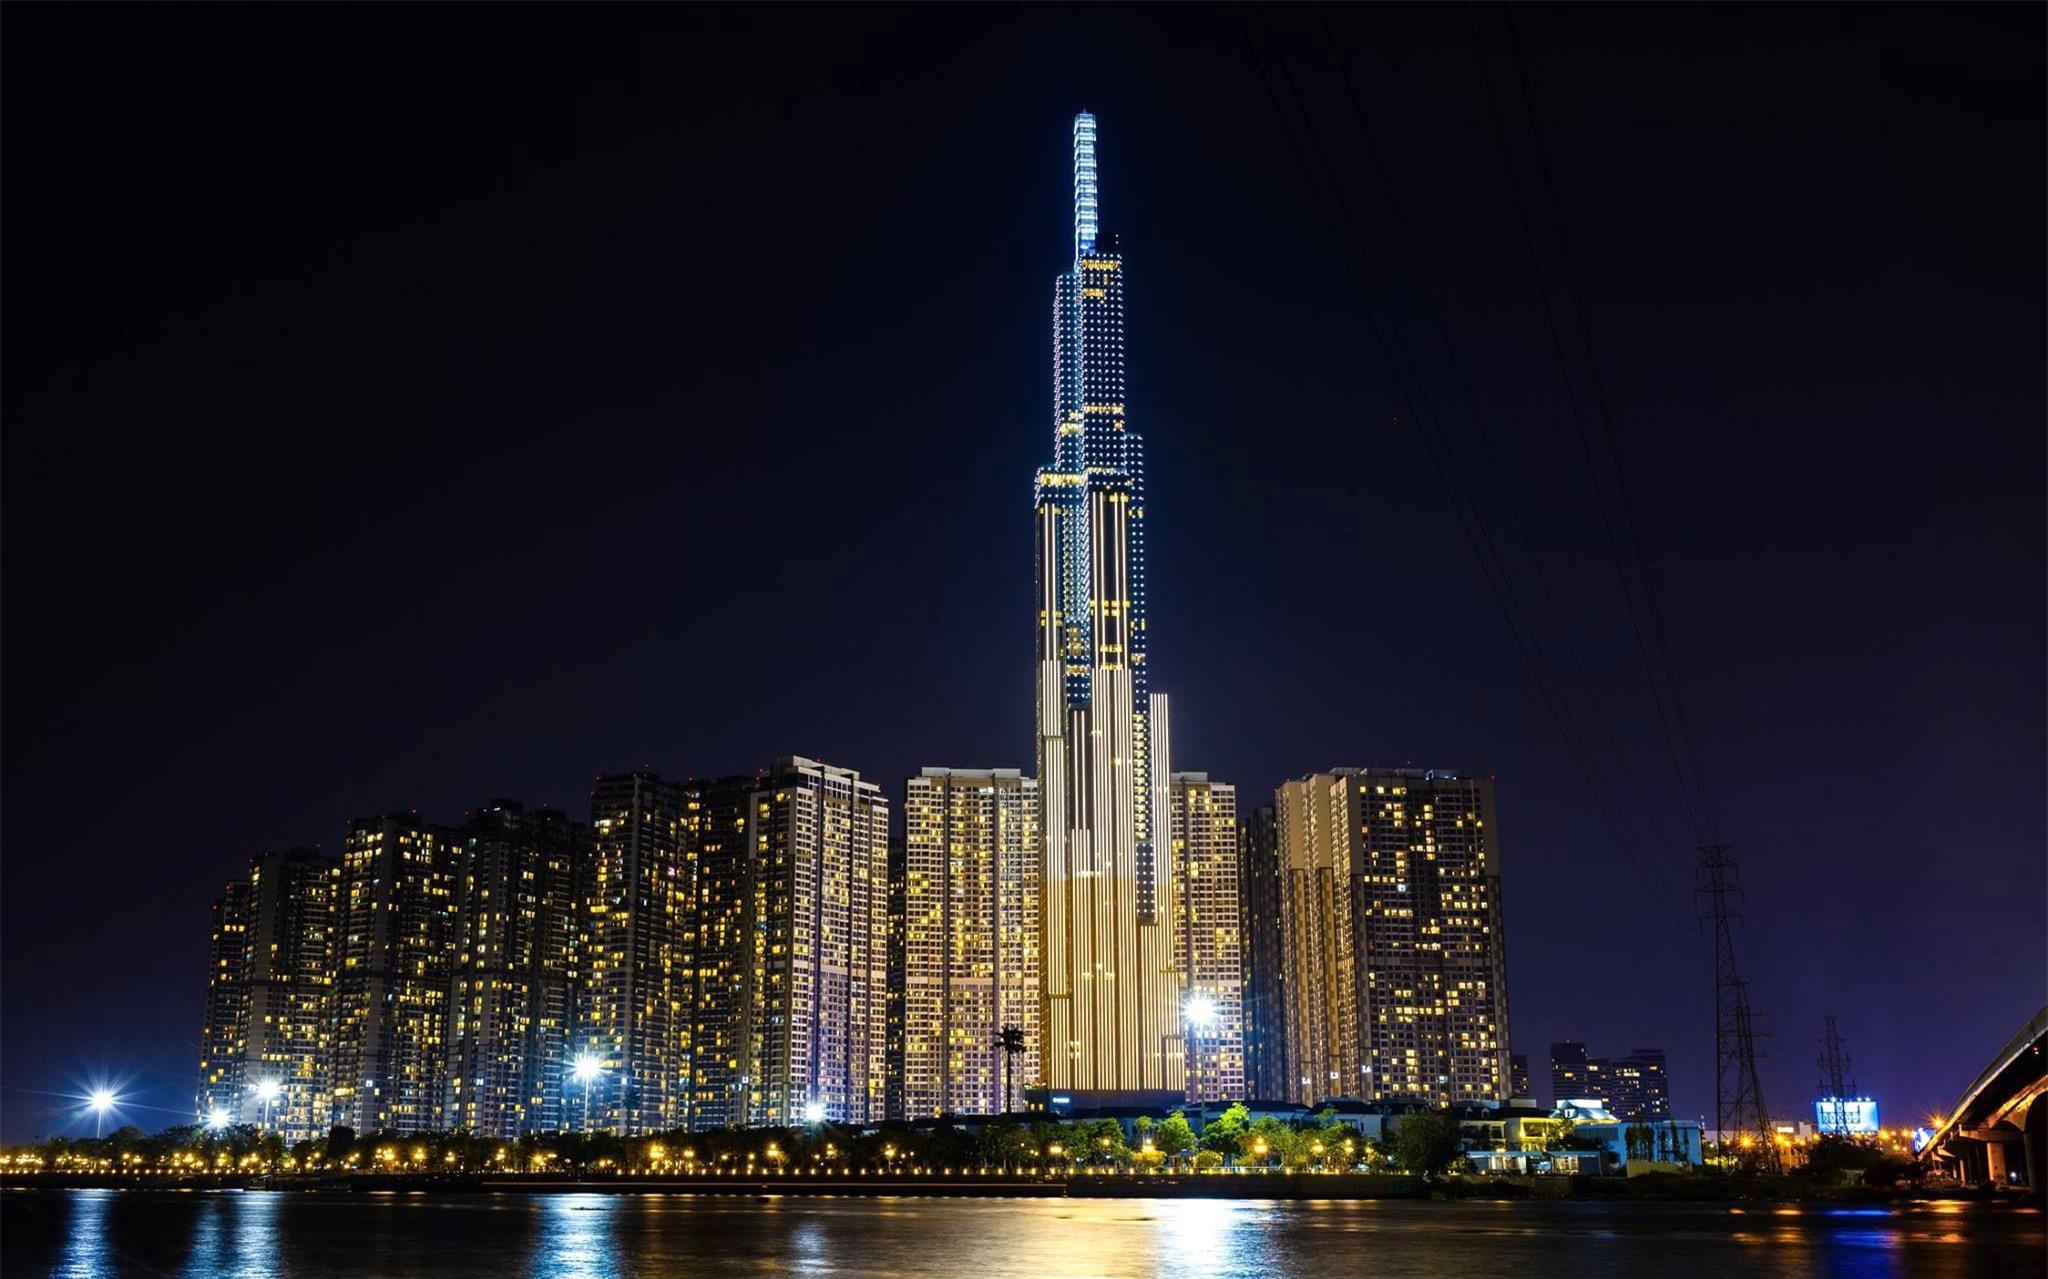 Các công trình nổi tiếng ở TPHCM giữa trời đêm - Ảnh 7.